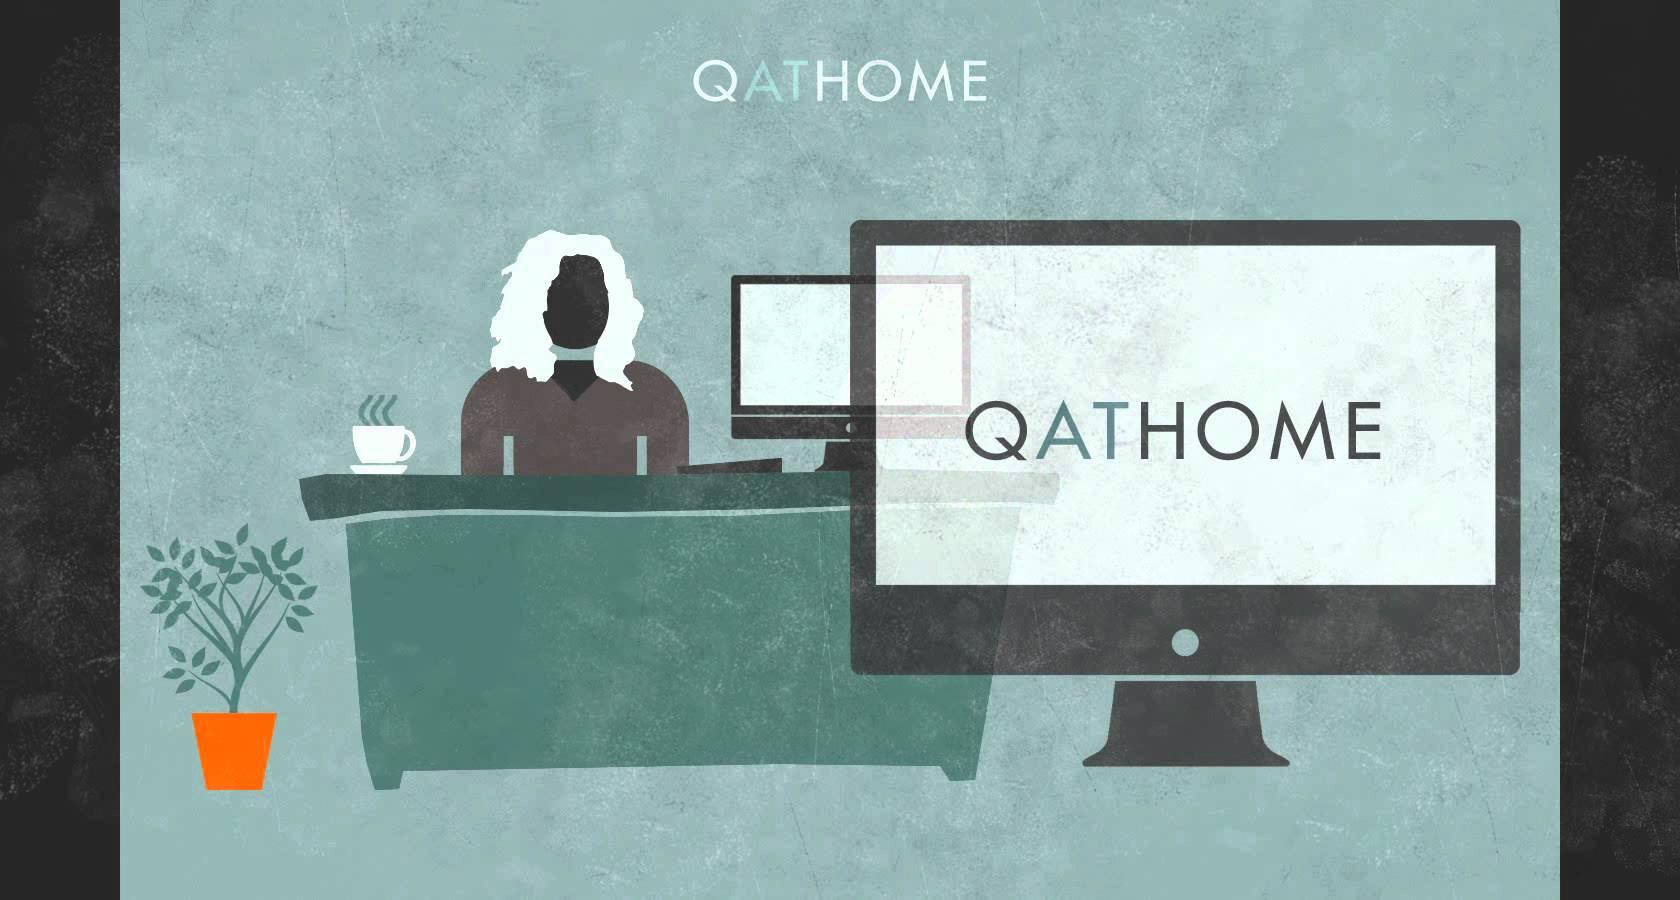 qathome1